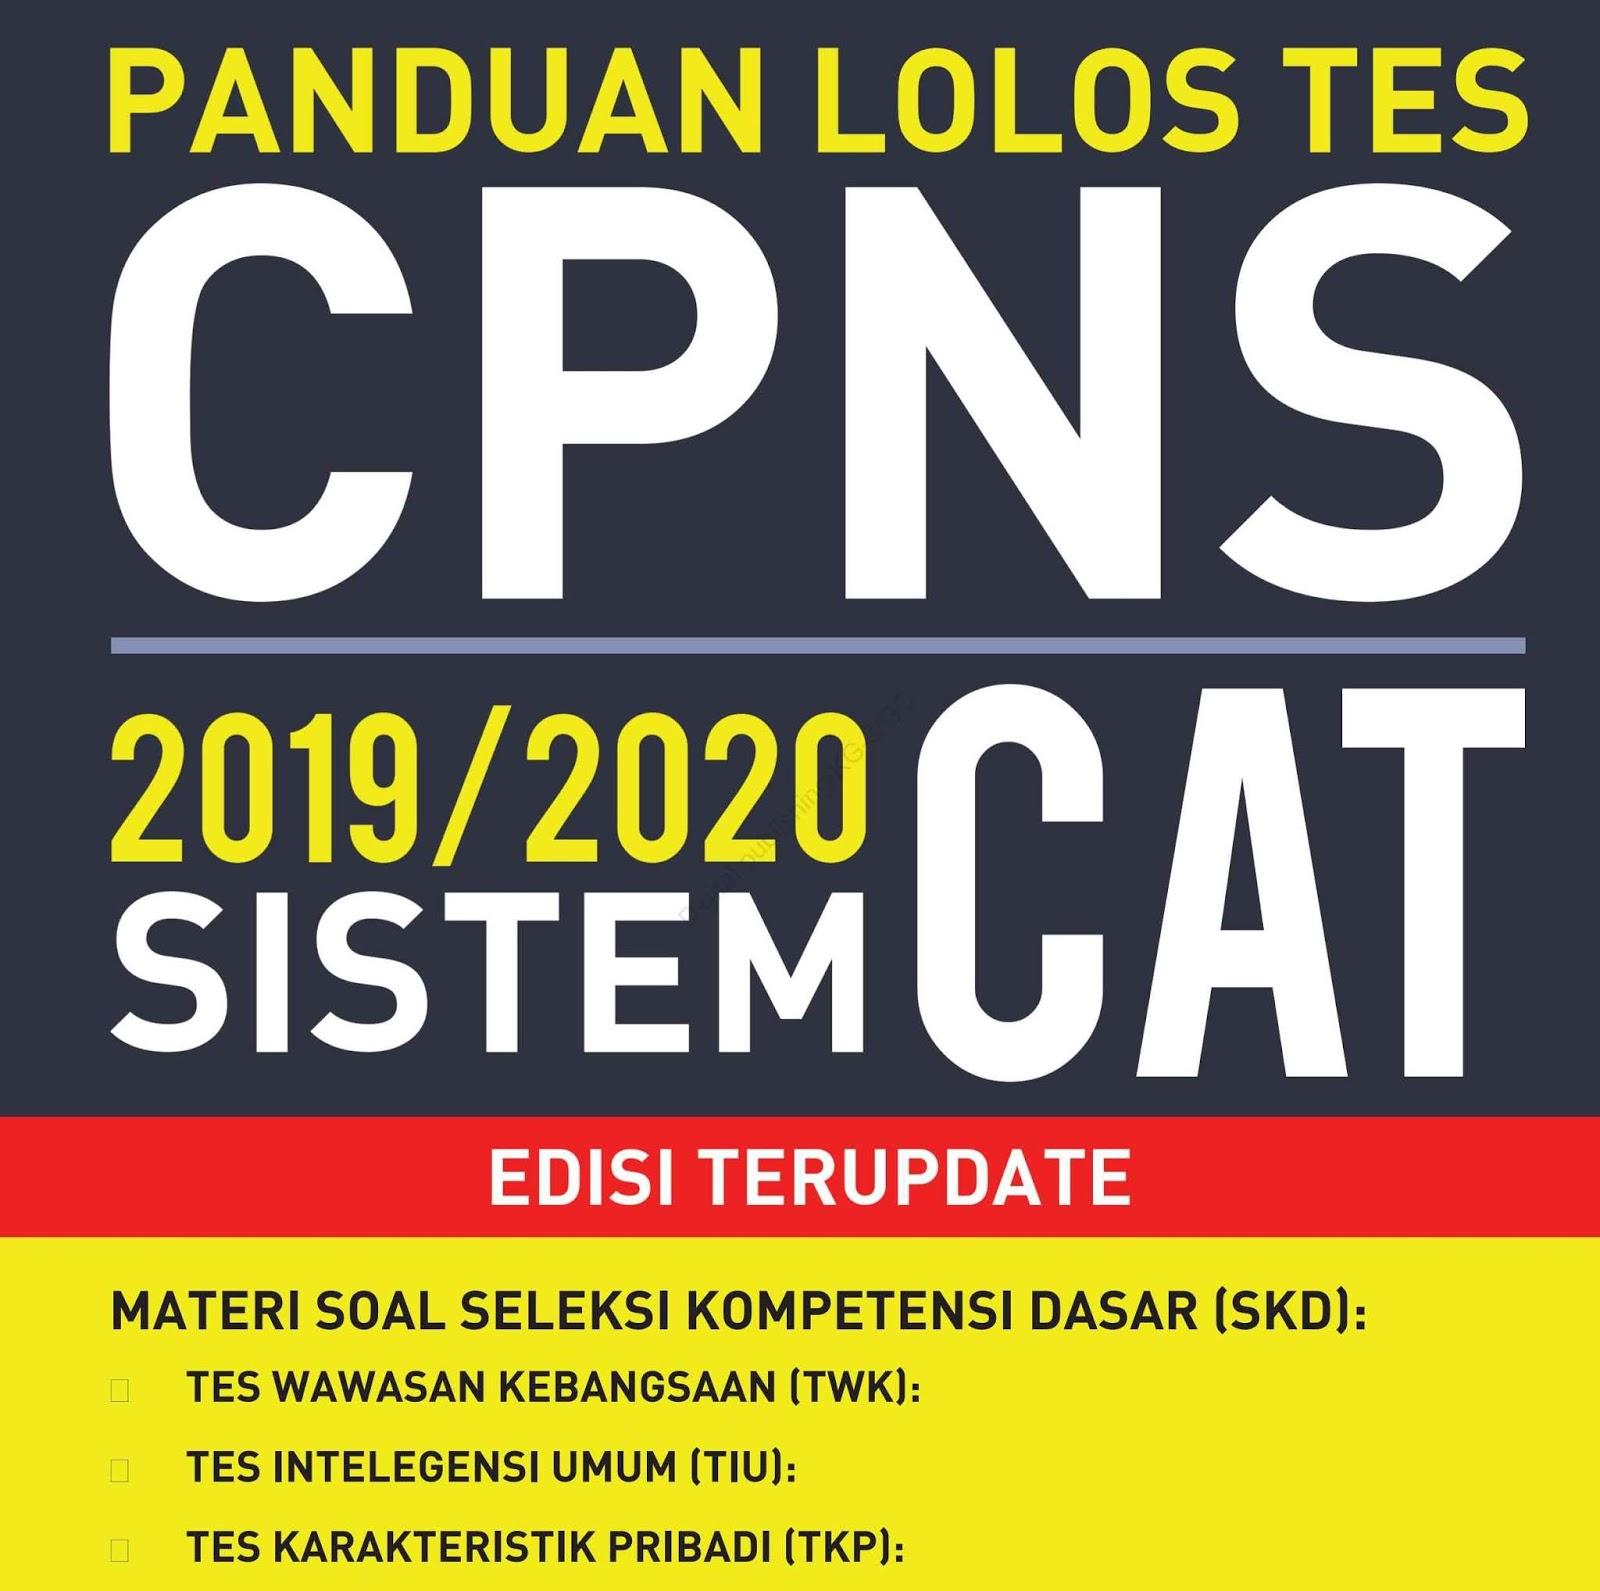 Download Panduan Lolos Tes CPNS 2019-2020 Sistem CAT Edisi Terupdate